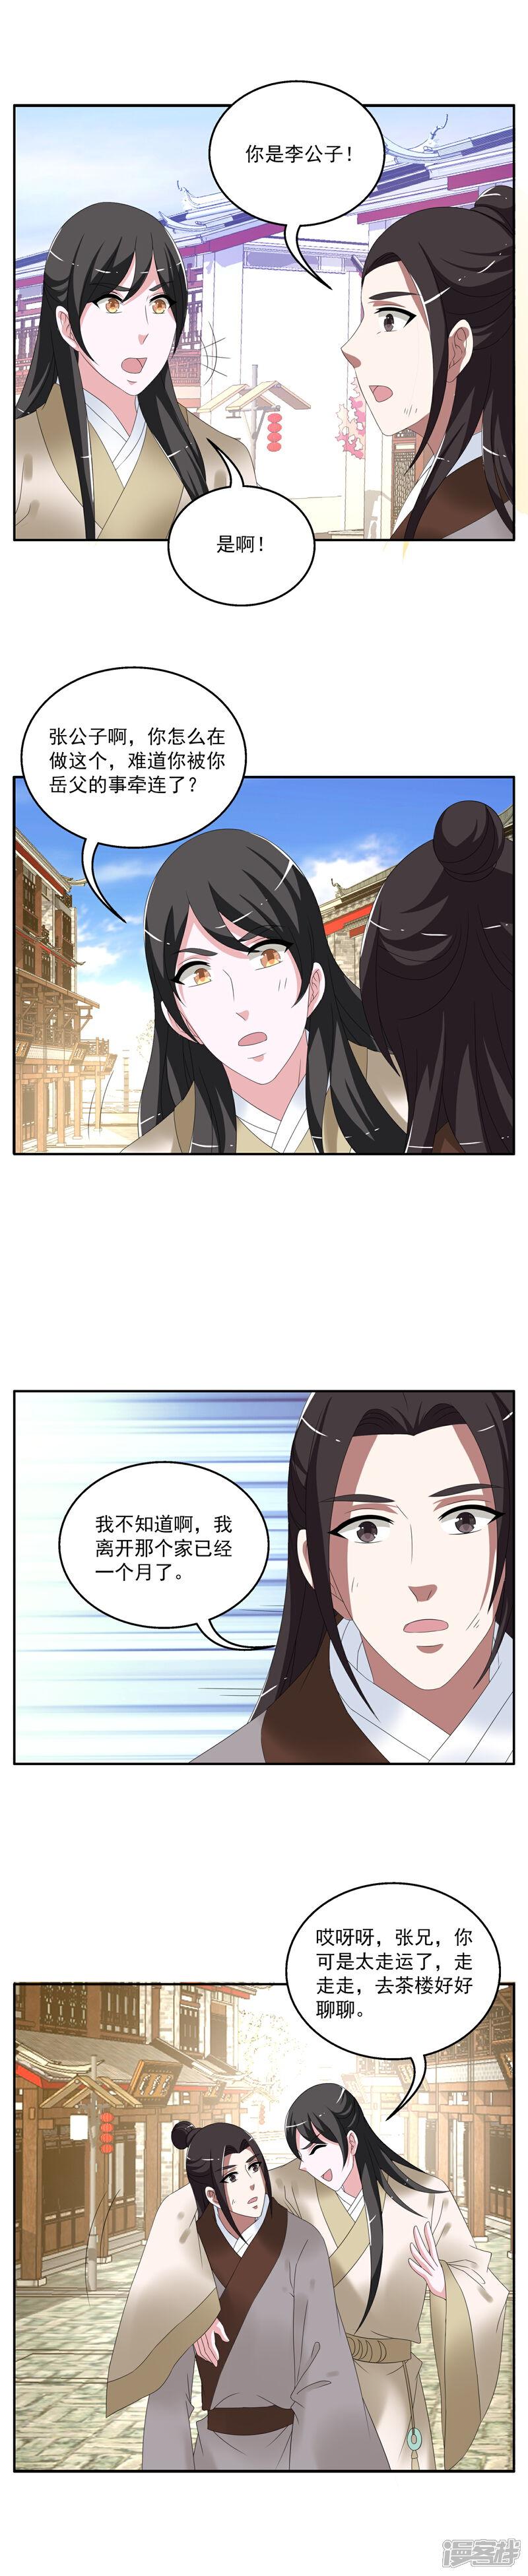 洛小妖158 (2).JPG